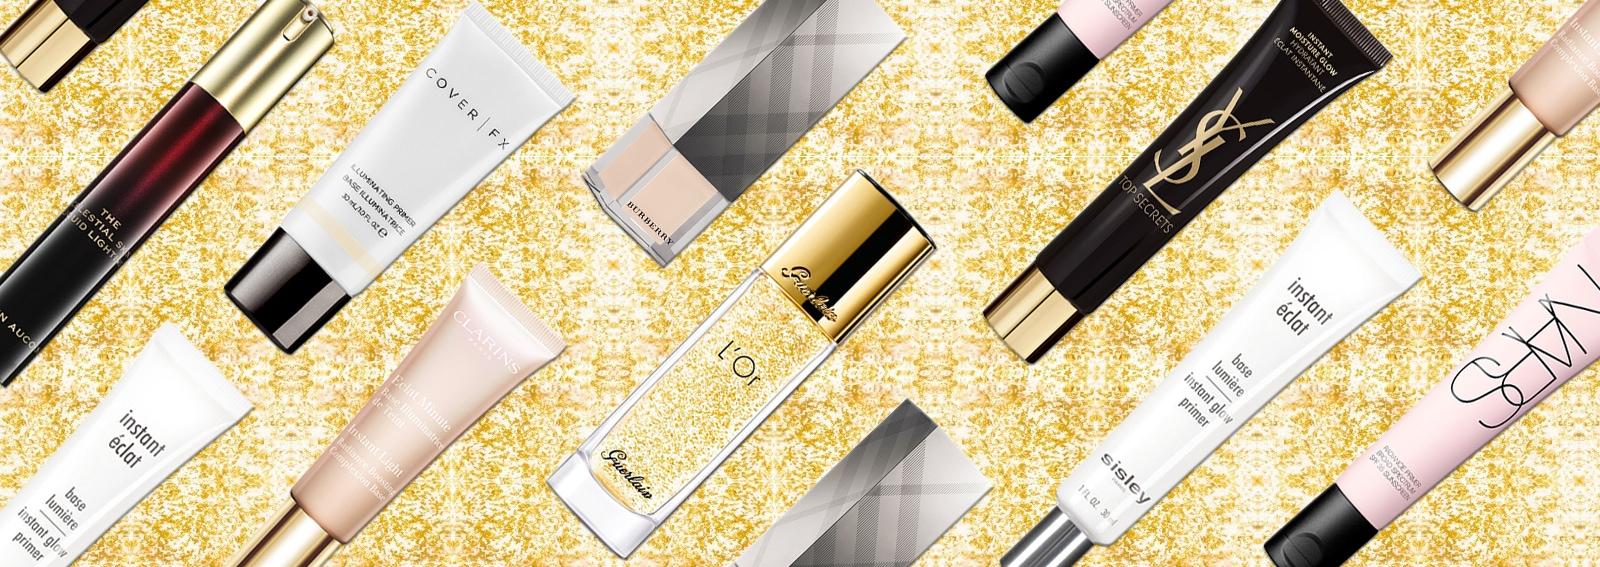 cover-primer-viso-illuminante-10-prodotti-desktop